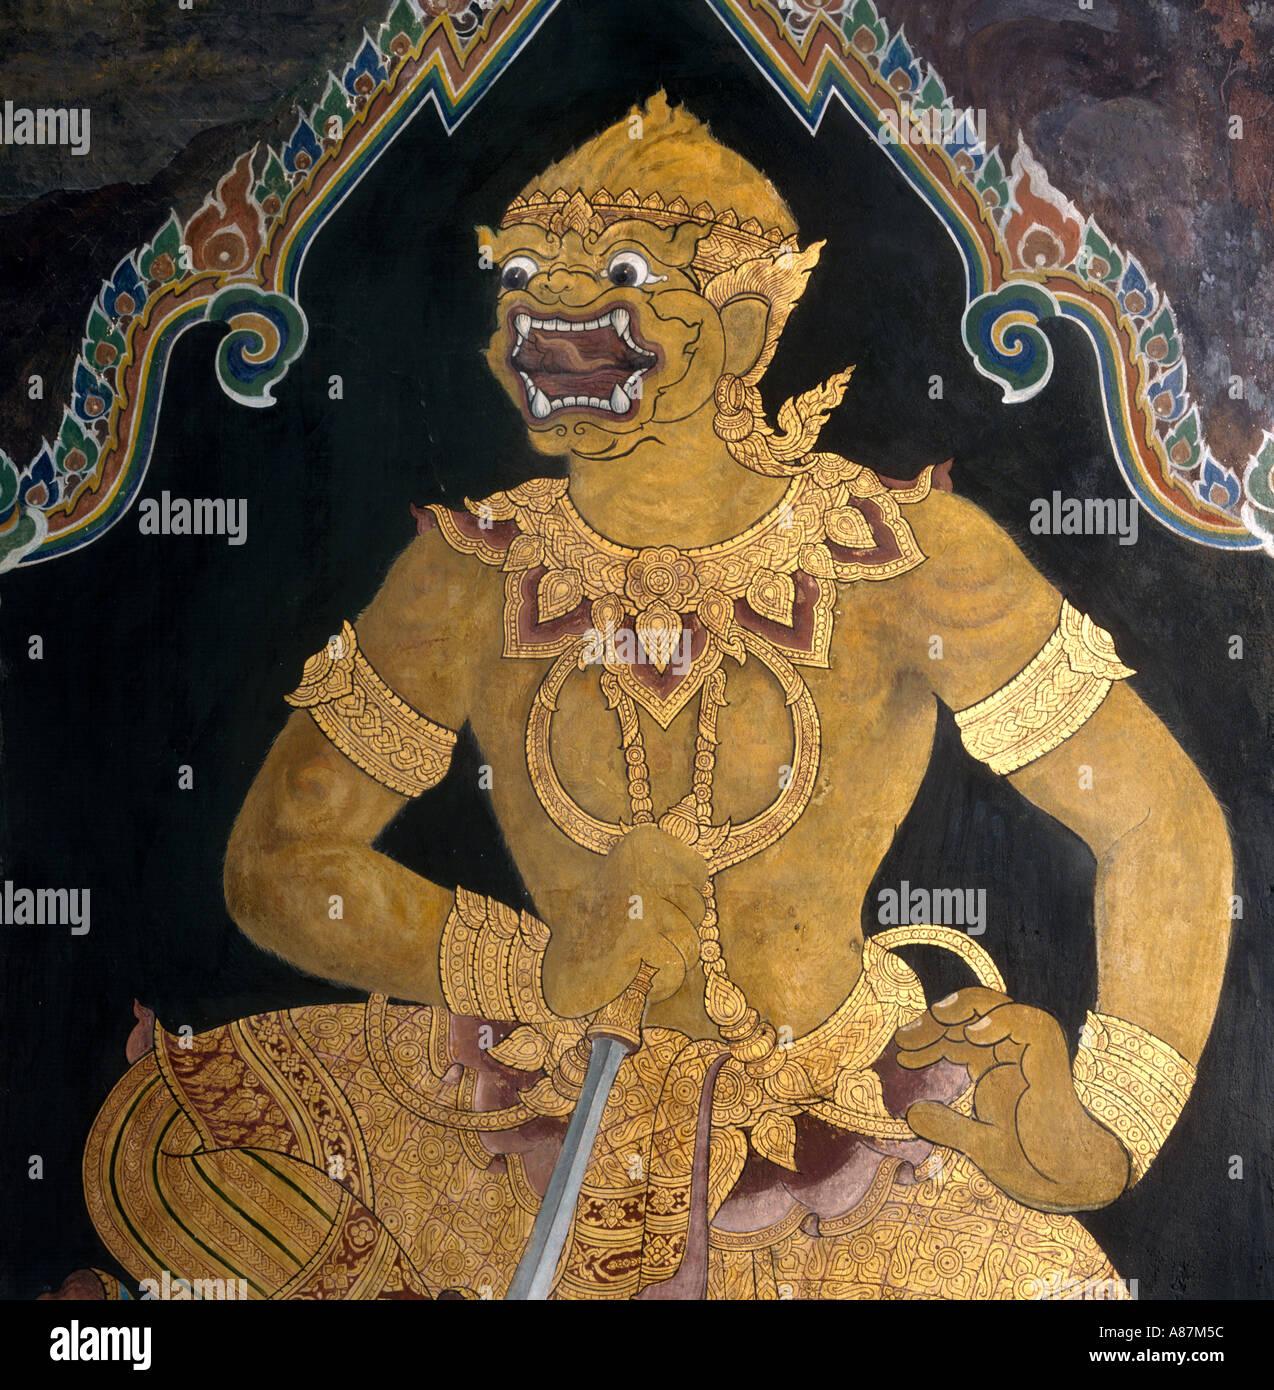 Detail der Wandgemälde im Hor Phra Naga, großer Palast, Bangkok, Thailand Stockbild